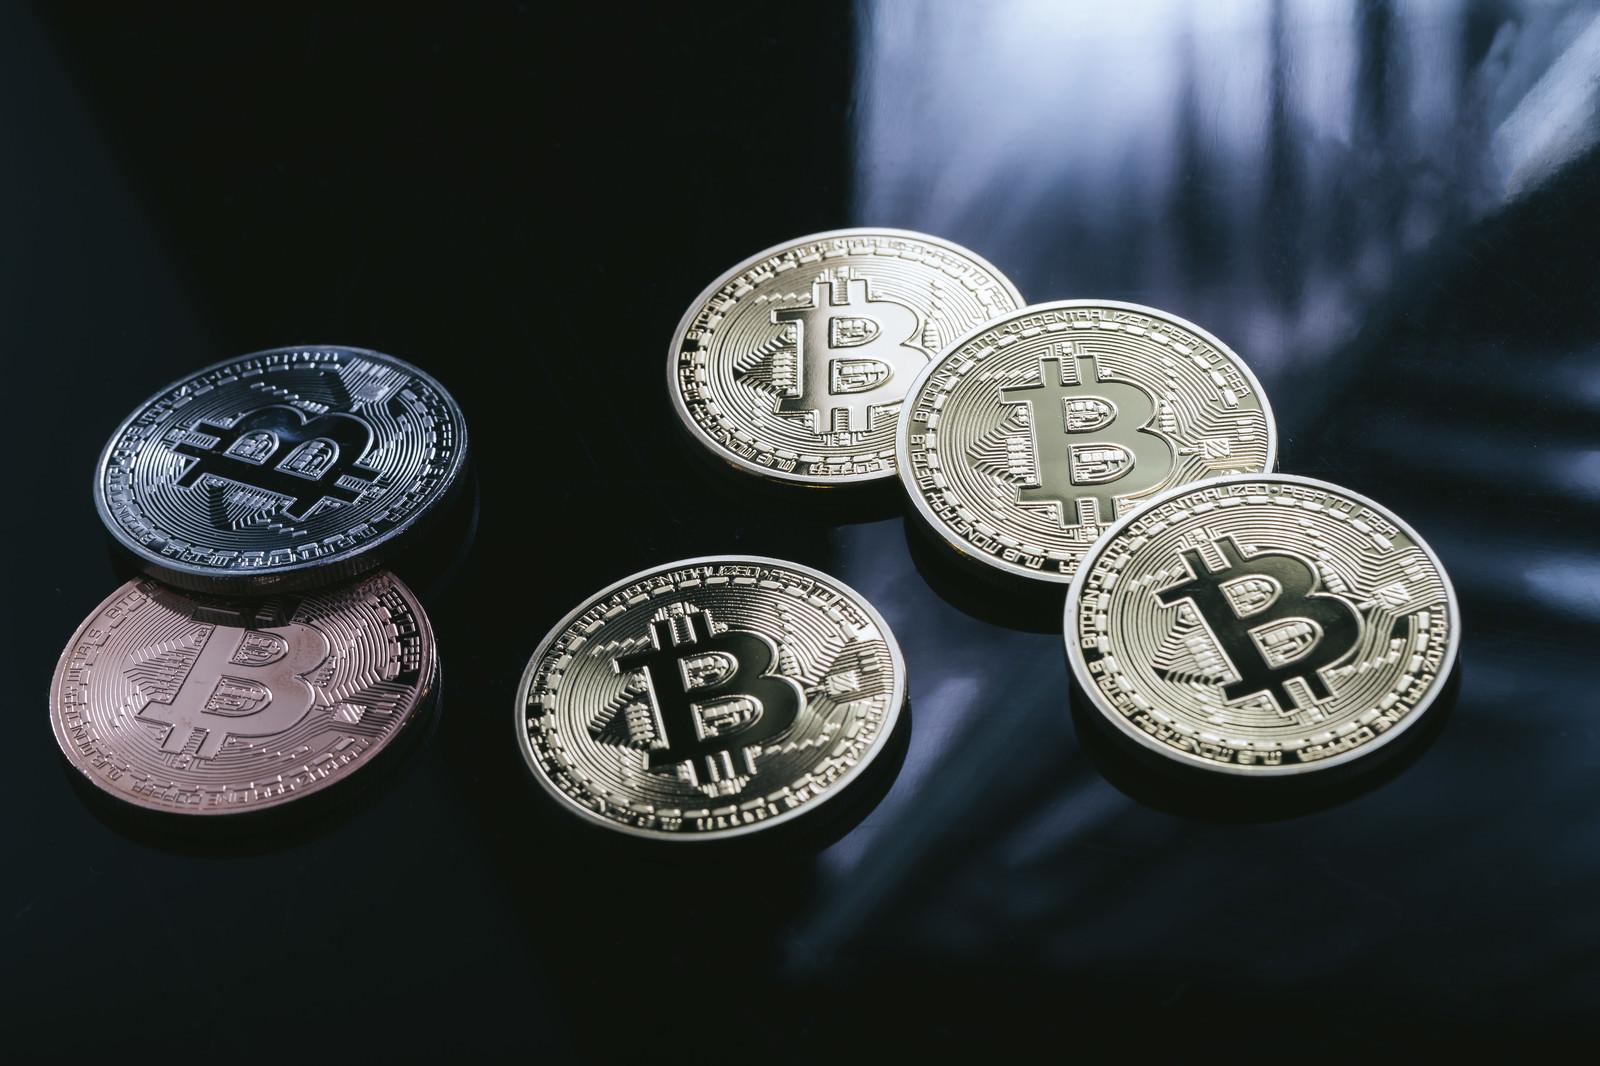 「資金洗浄やロンダリングが問題視されている仮想通貨資金洗浄やロンダリングが問題視されている仮想通貨」のフリー写真素材を拡大